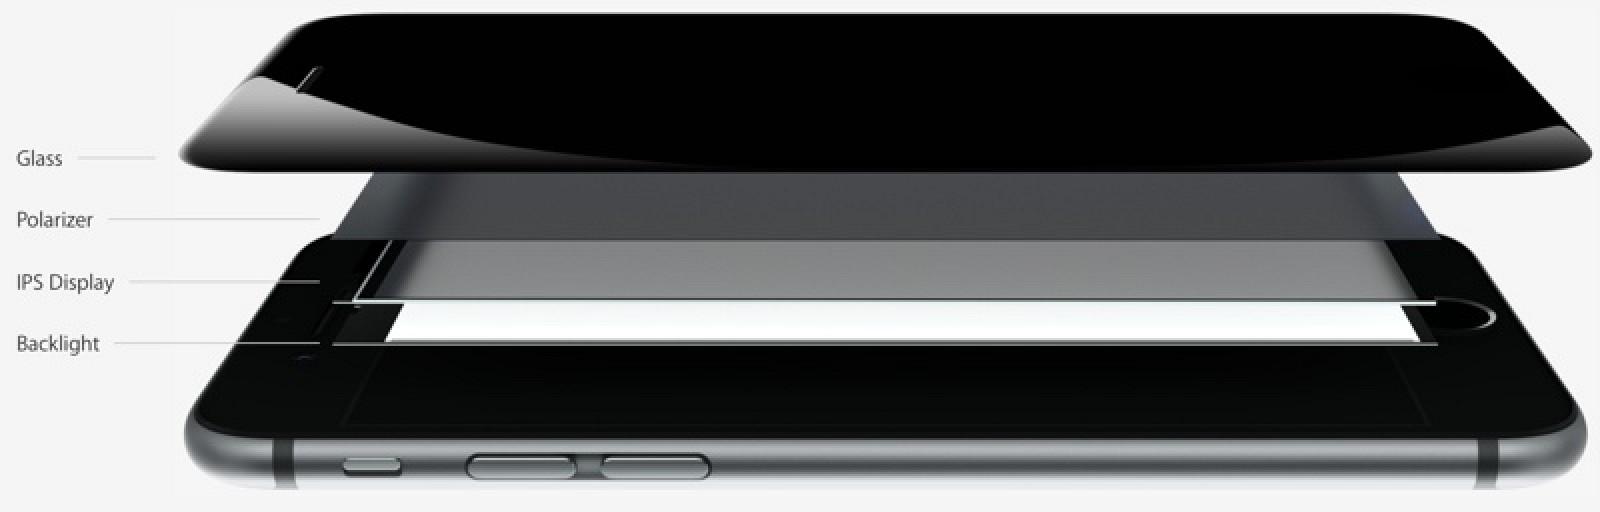 iphone 6 16gb giá tốt